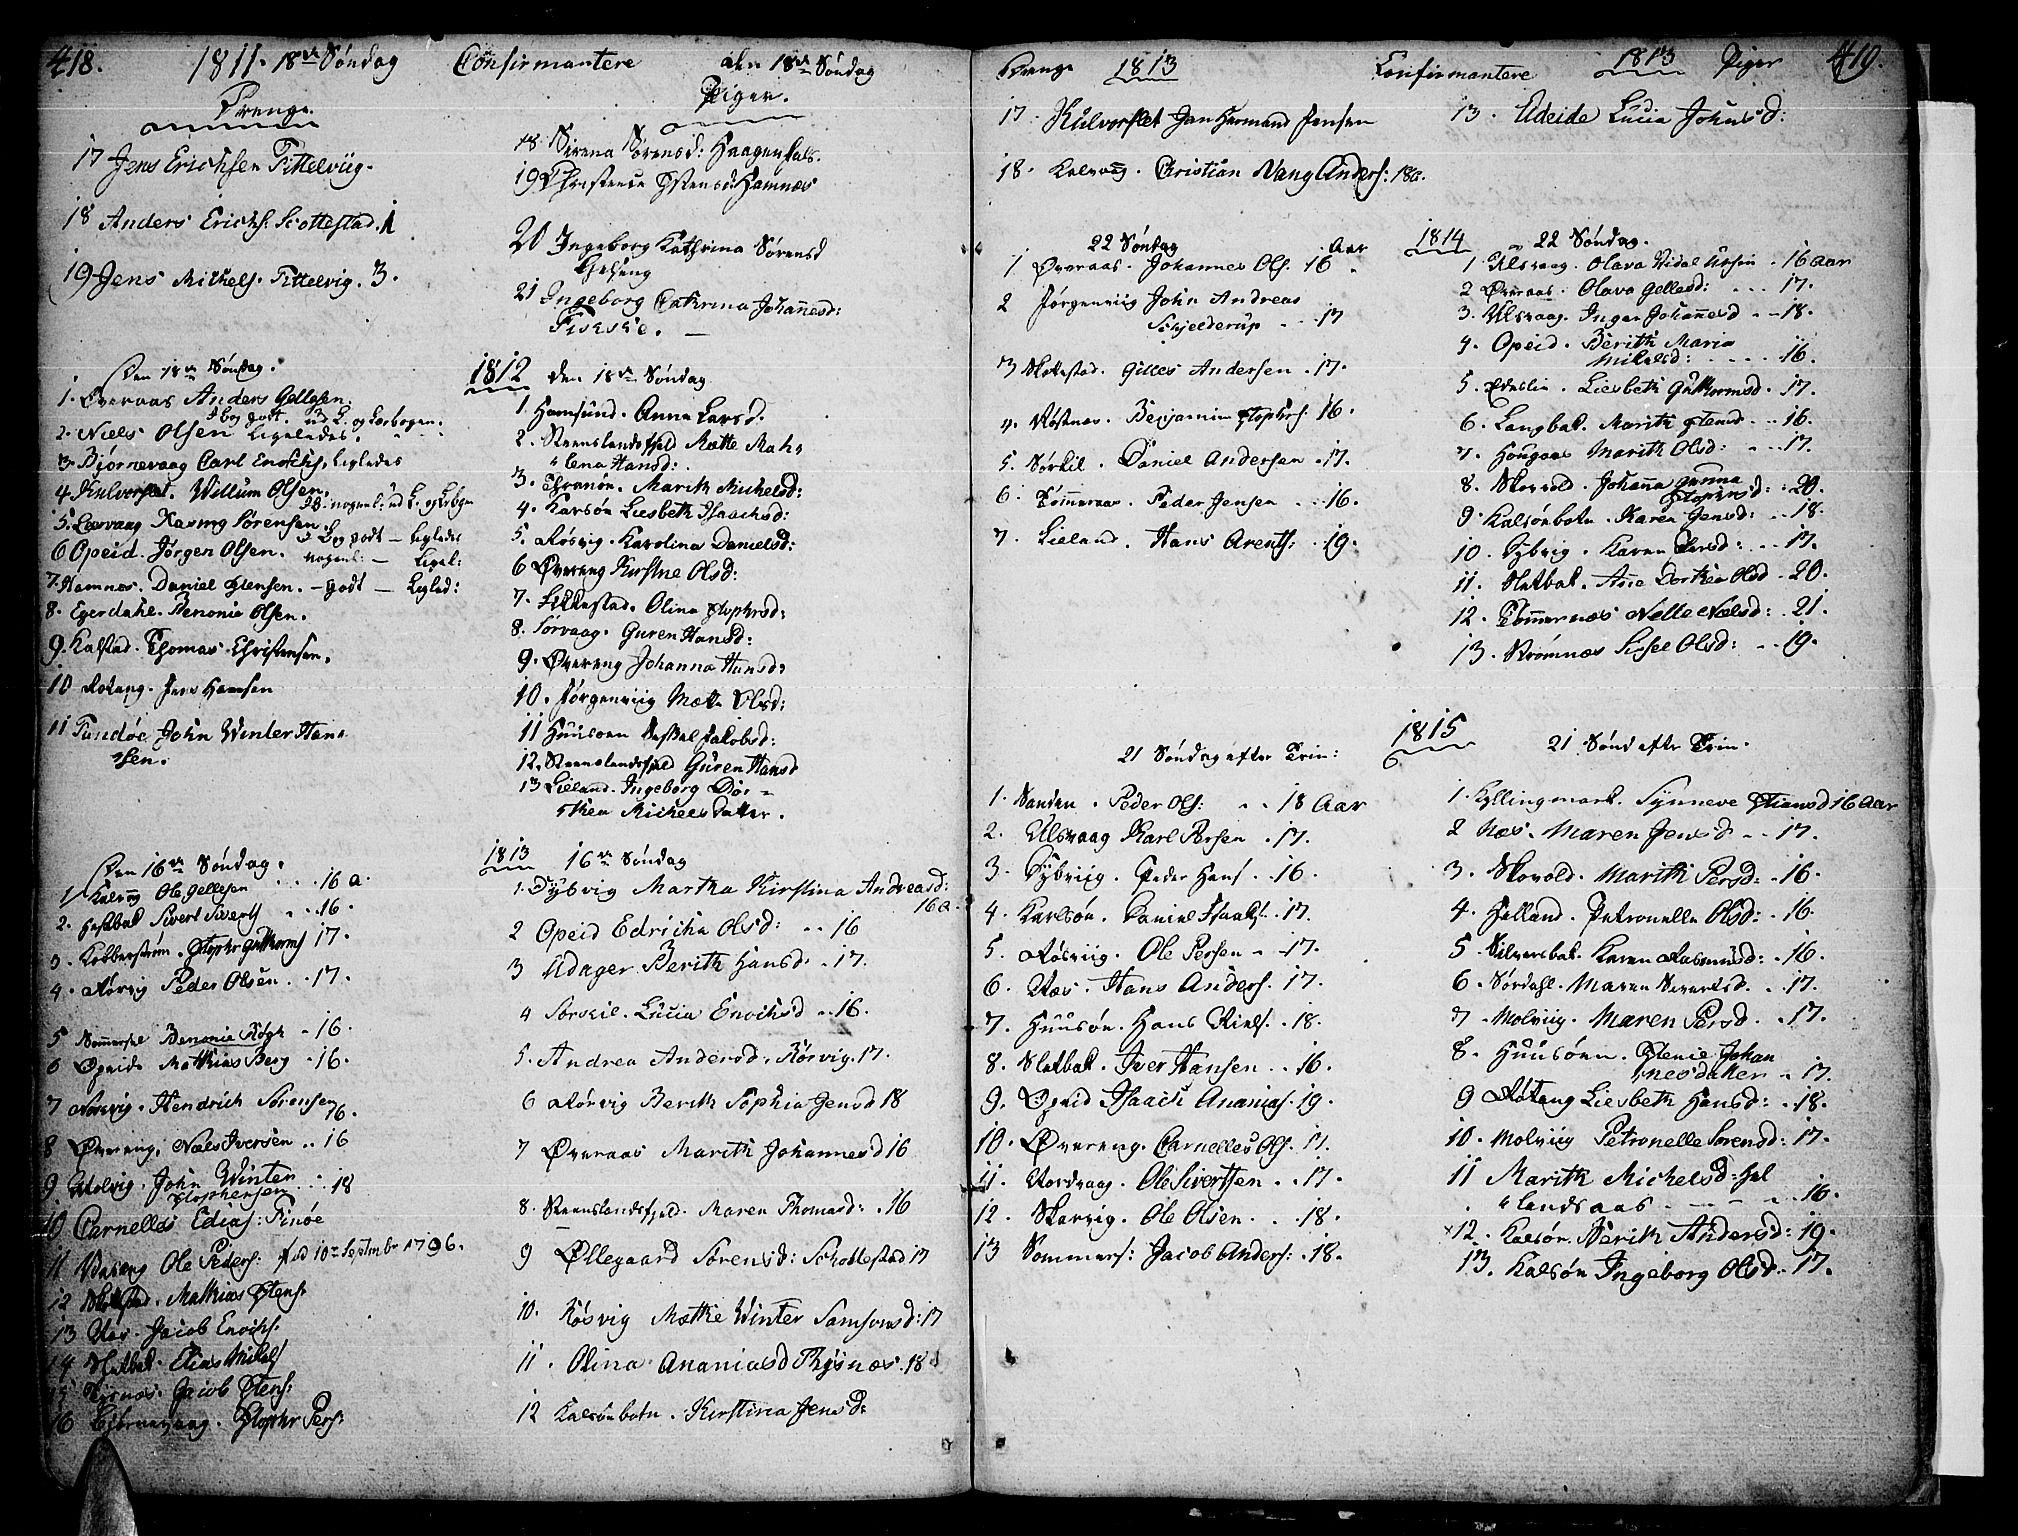 SAT, Ministerialprotokoller, klokkerbøker og fødselsregistre - Nordland, 859/L0841: Parish register (official) no. 859A01, 1766-1821, p. 418-419